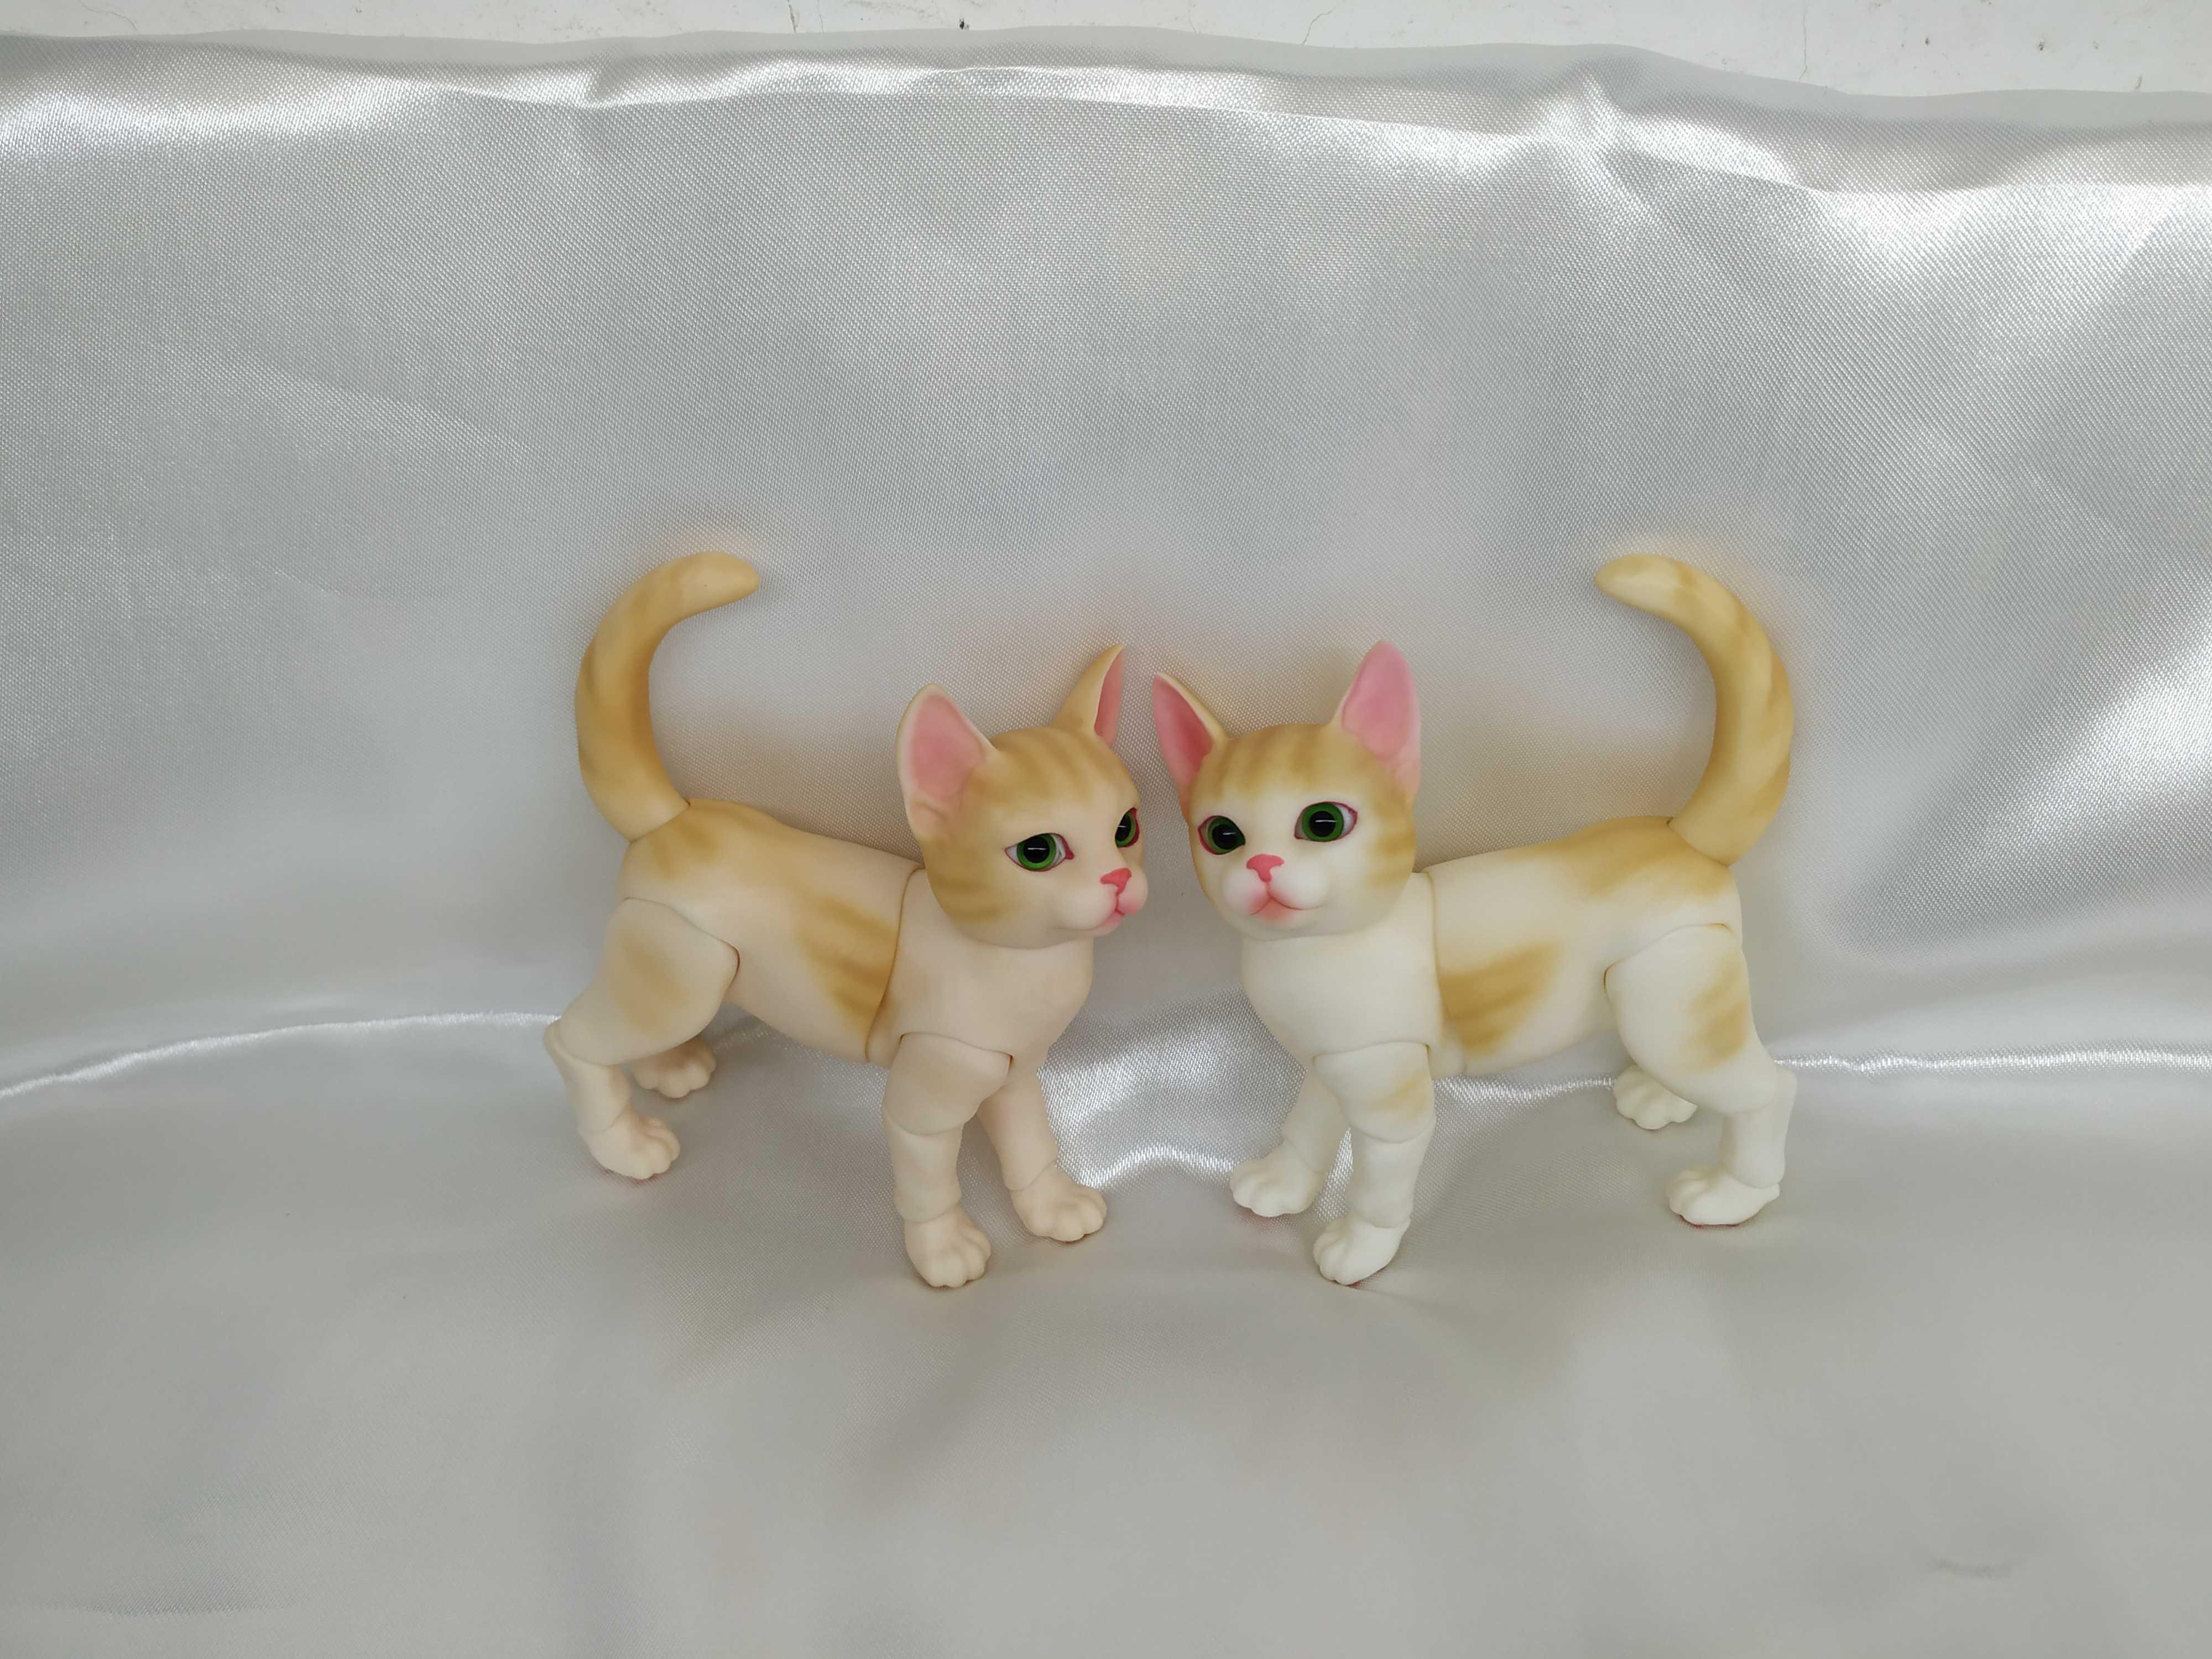 Bjd Lucu Anak Kucing Dan Anak Anjing Kualitas Tinggi Mainan Untuk Dijual Toys Toys Toys Toys Toyskitten Toys Aliexpress